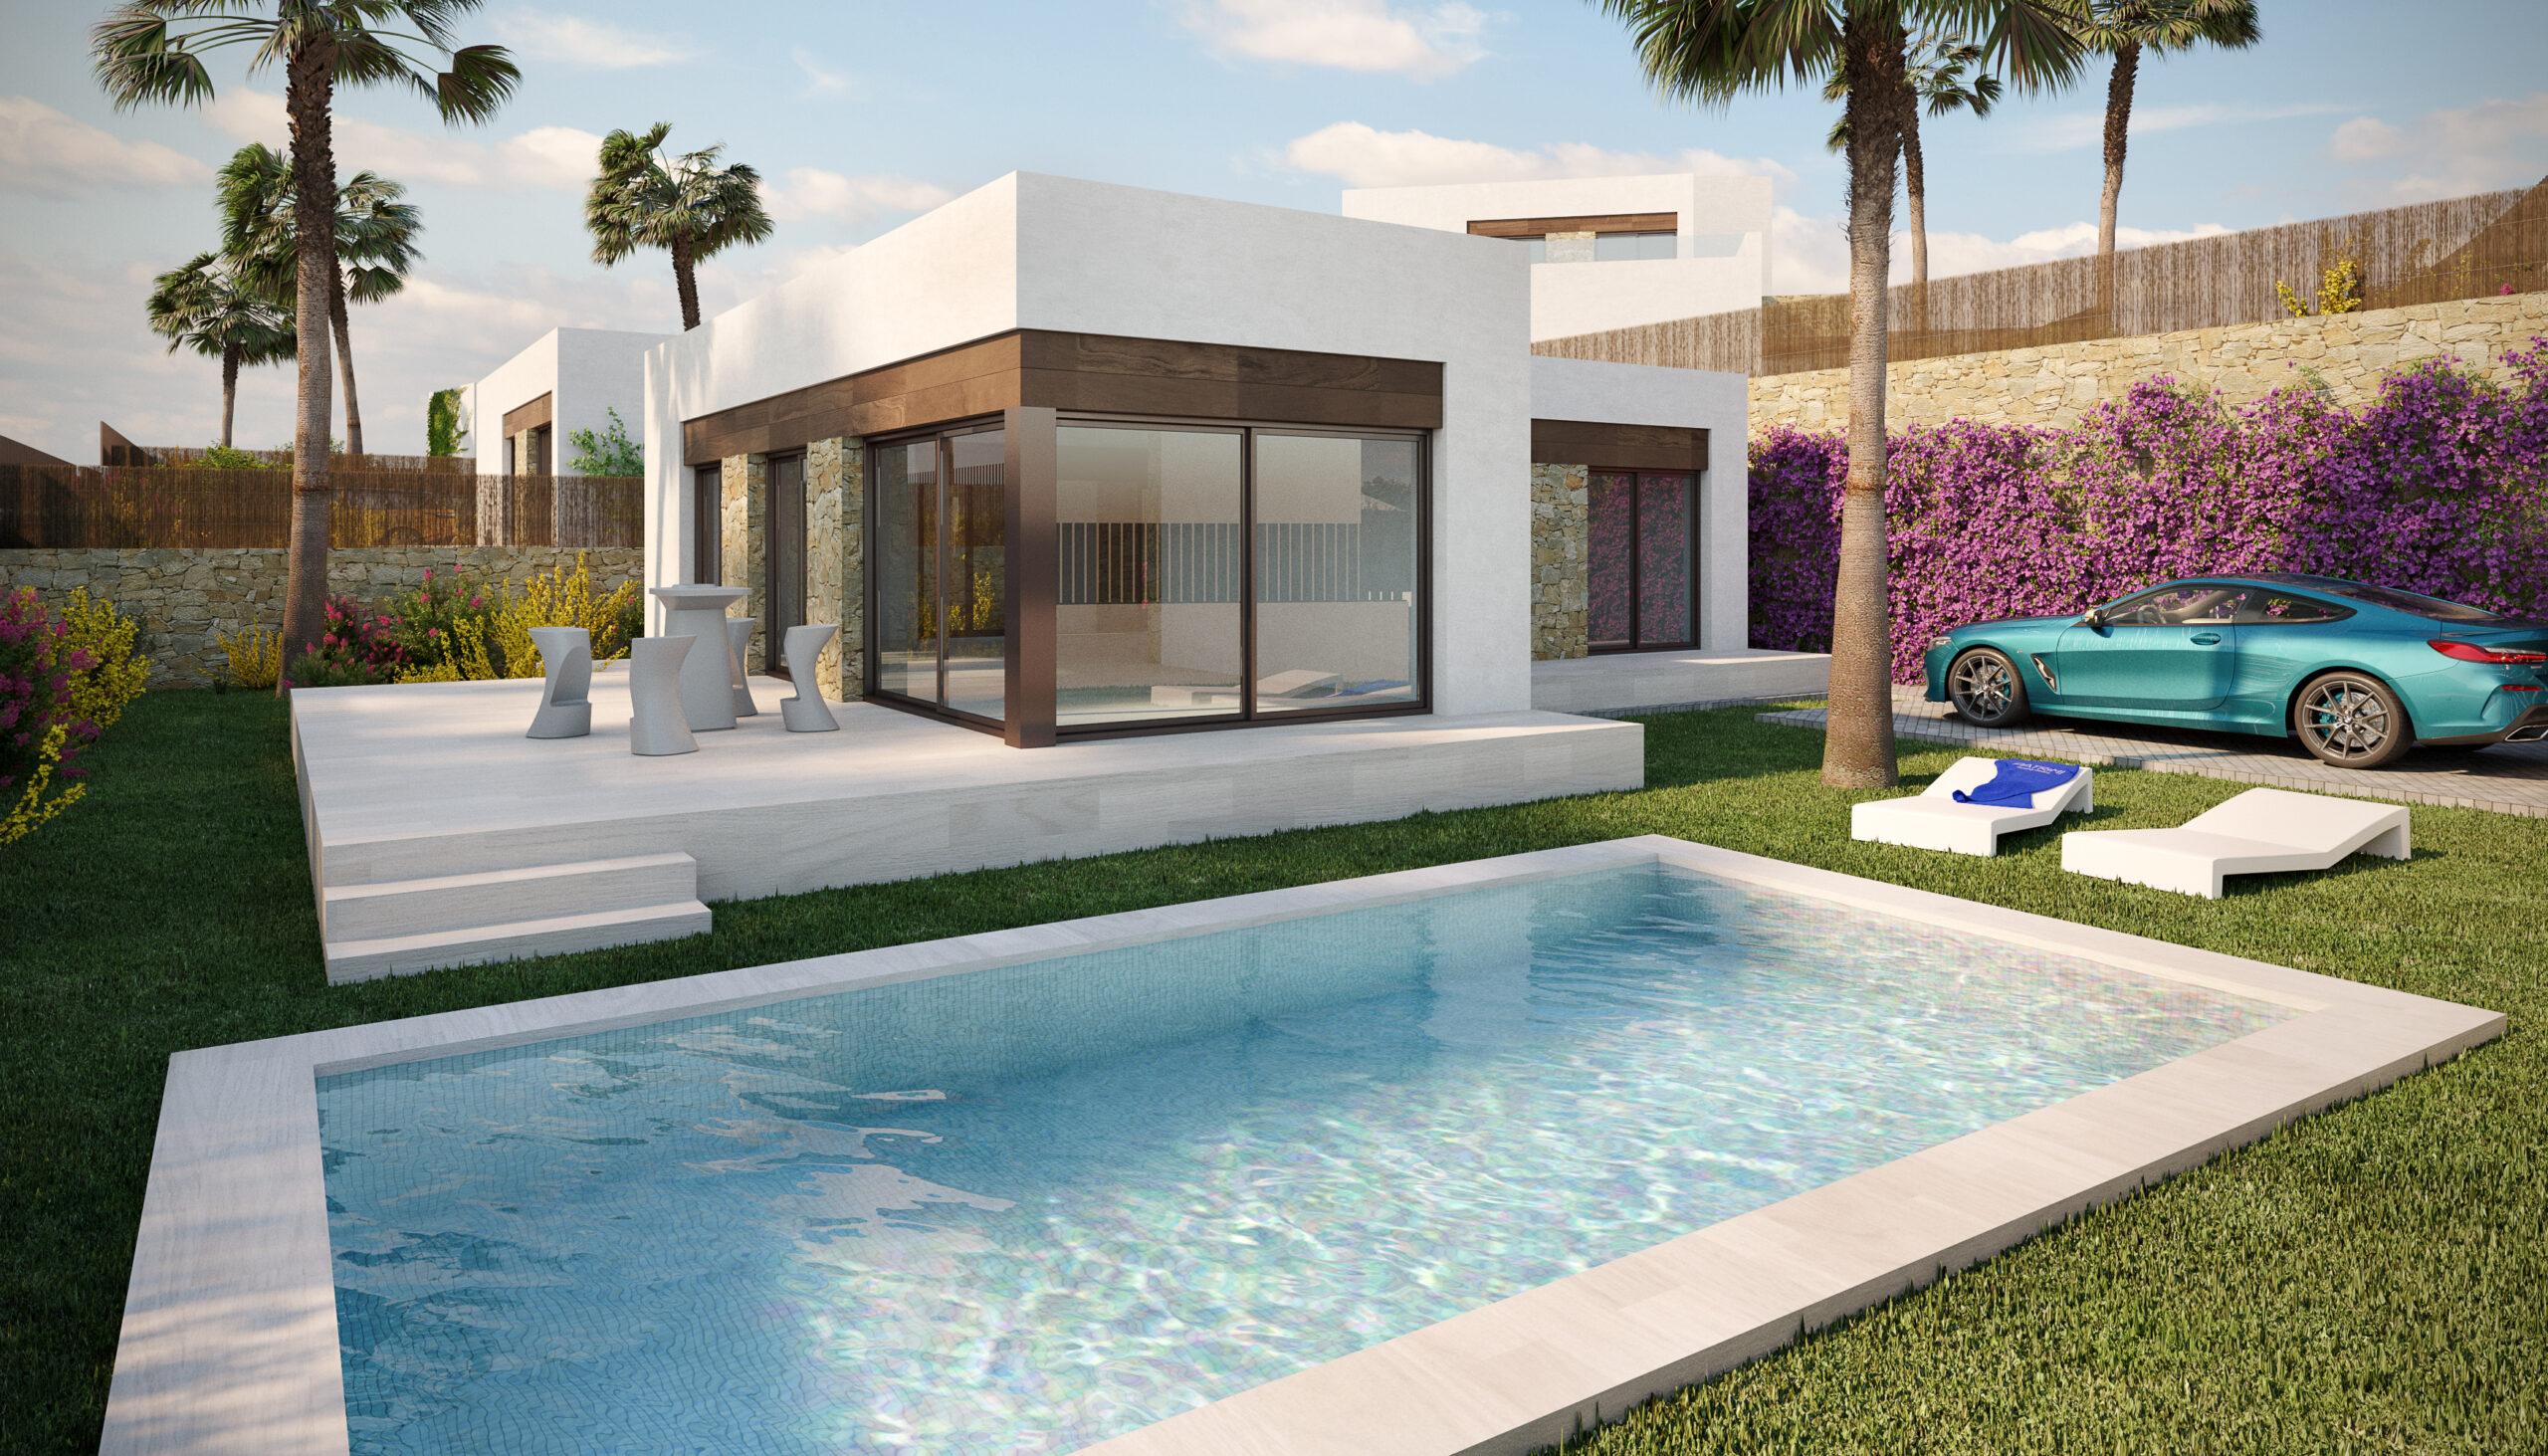 New Build Villas 3 bedrooms 2 bathrooms in Orihuela